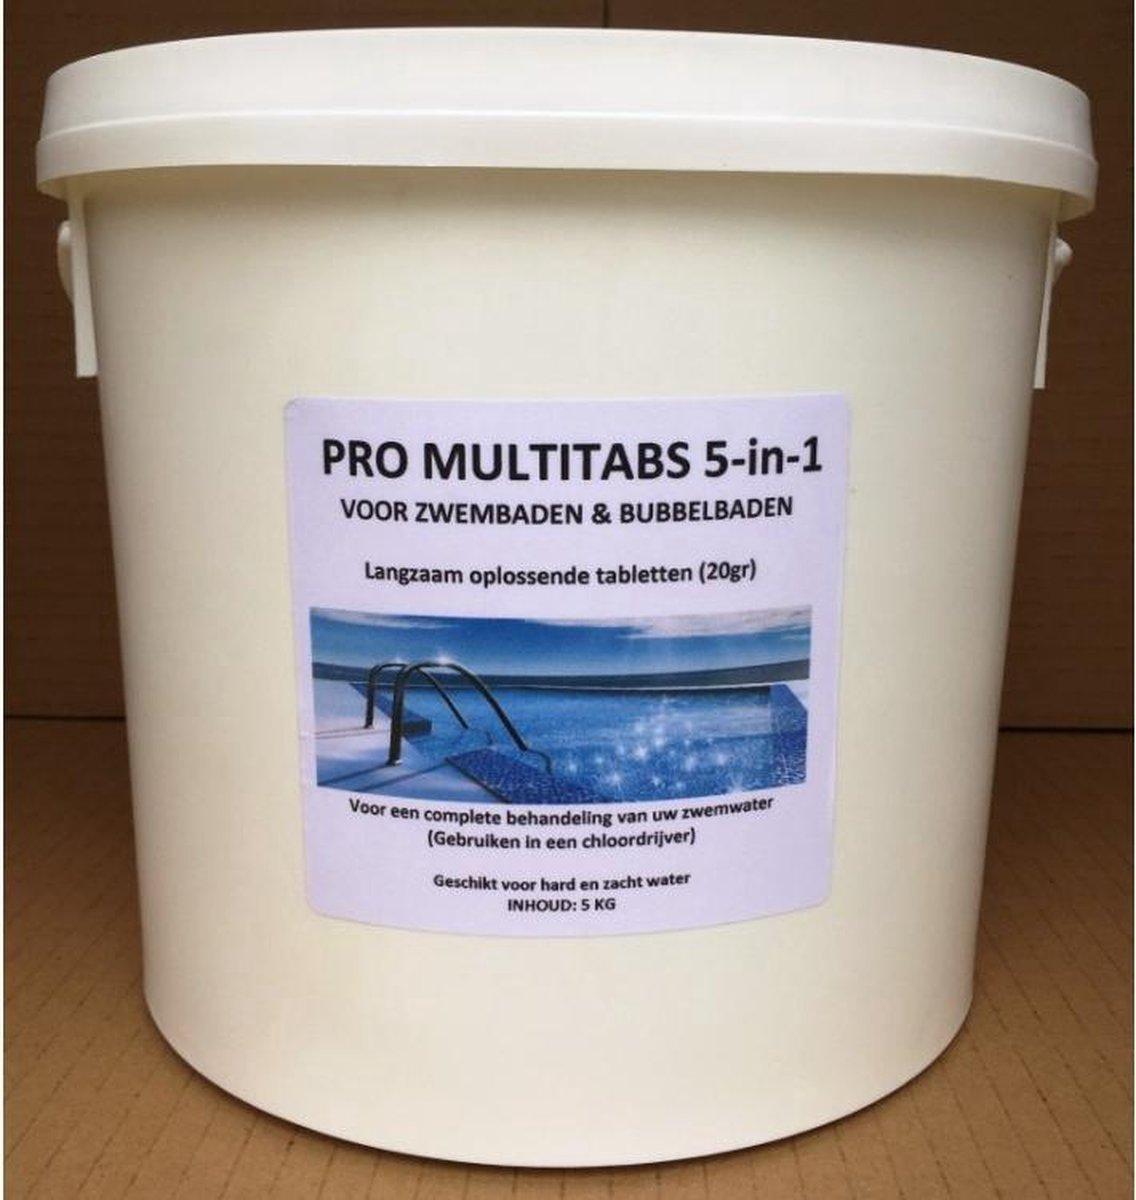 PRO MULTITABS 5-in-1 20gr 5KG (componenten: Chloor Chloortabletten Anti Alg Algenreiniging Vlokmiddel Vlokkingsmiddel Vlokker Vlokkerverbinding pH waarde)